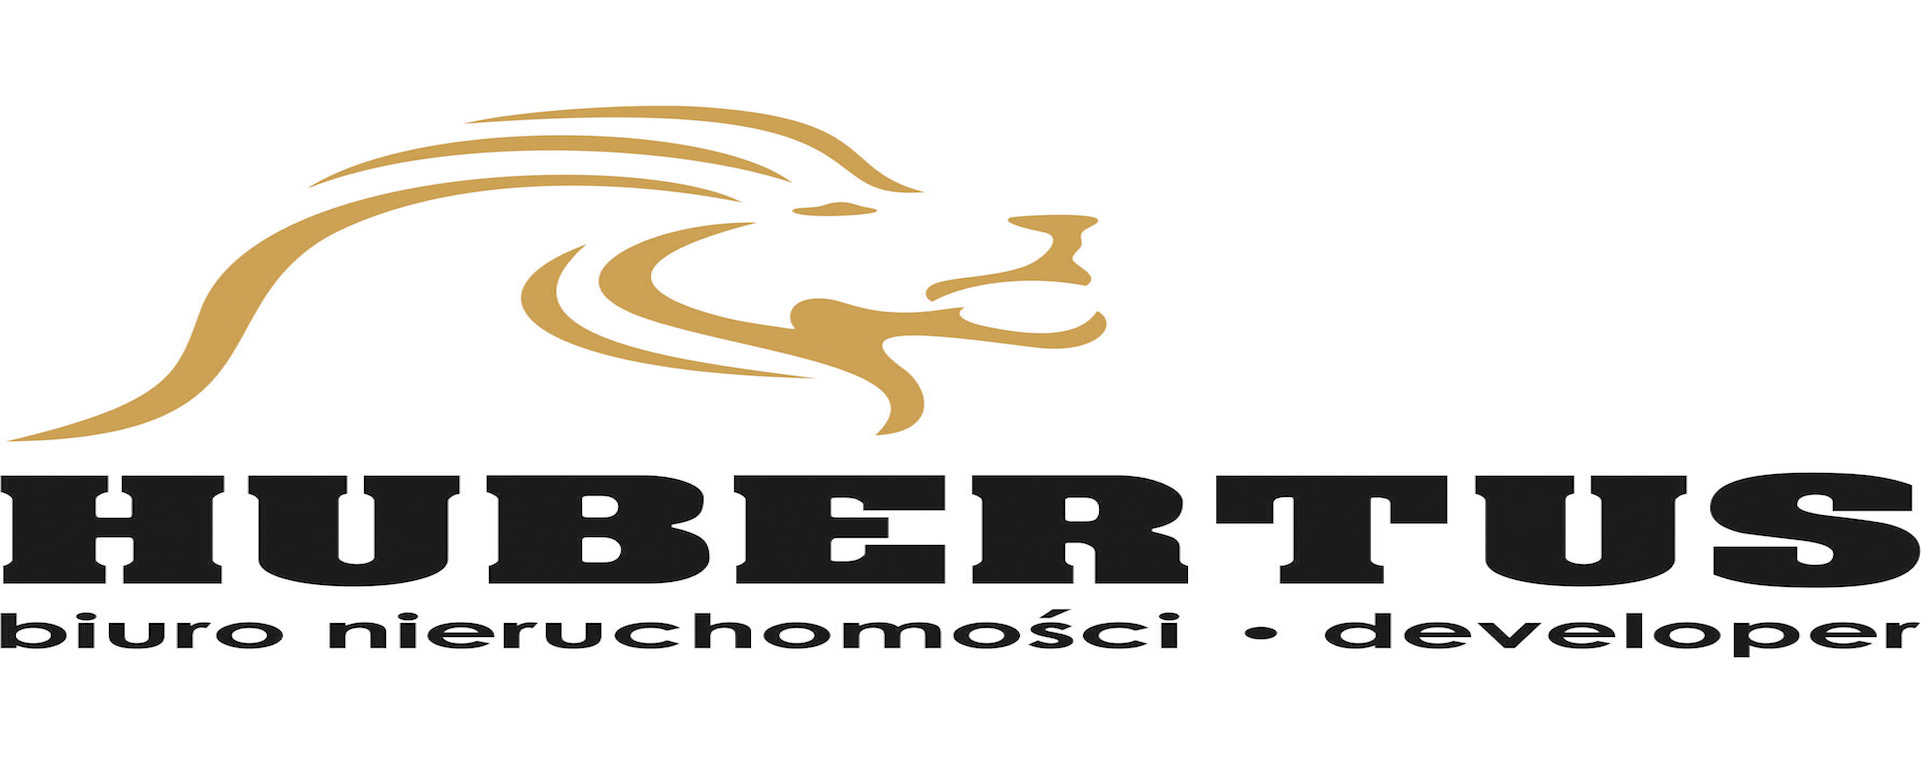 Agencje nieruchomości HUBERTUS sp. z o.o.